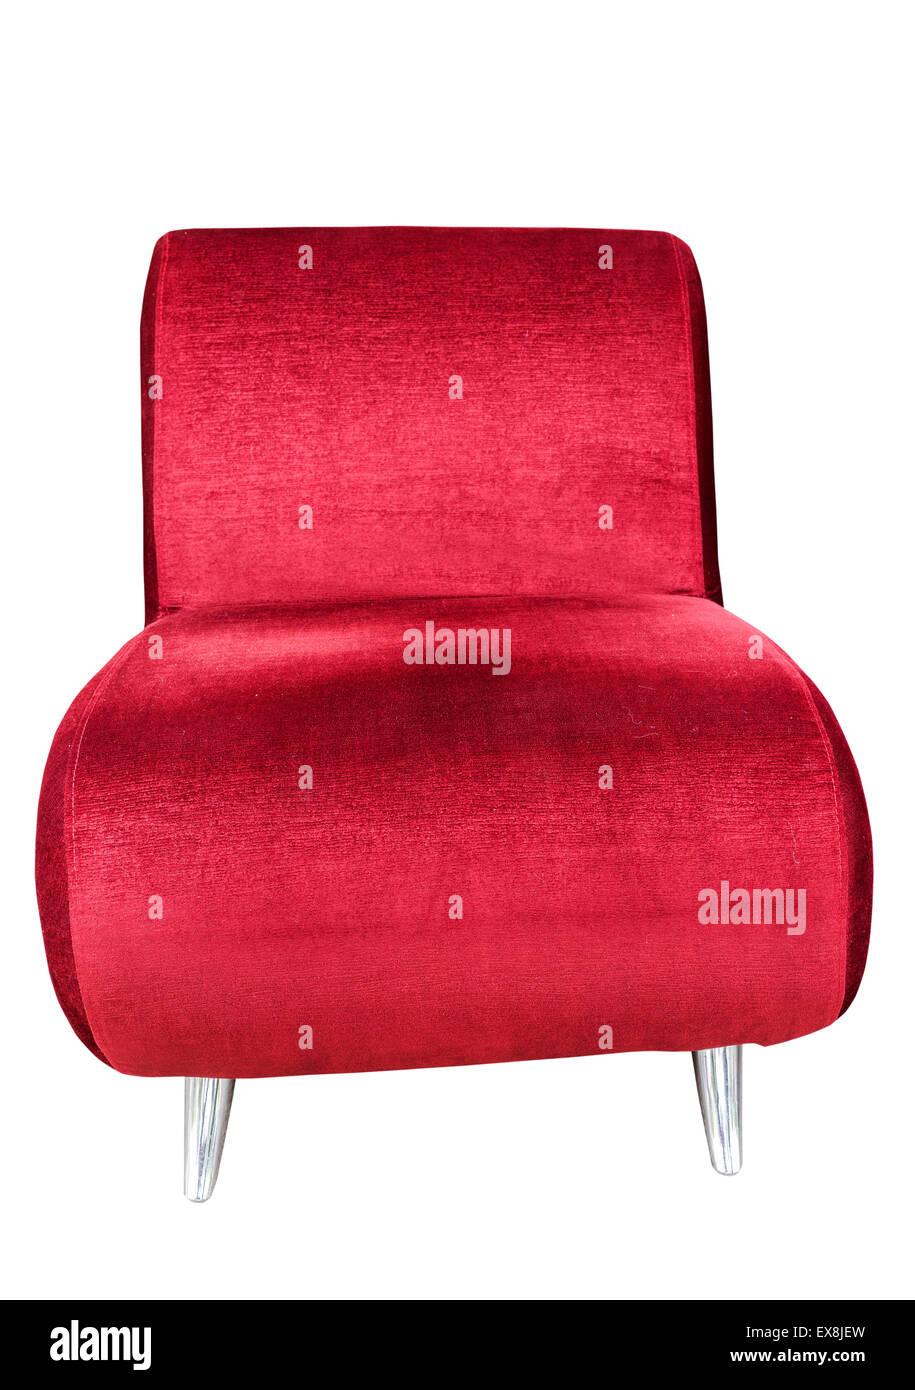 Siège canapé rouge isolé sur fond blanc avec clipping path Photo Stock